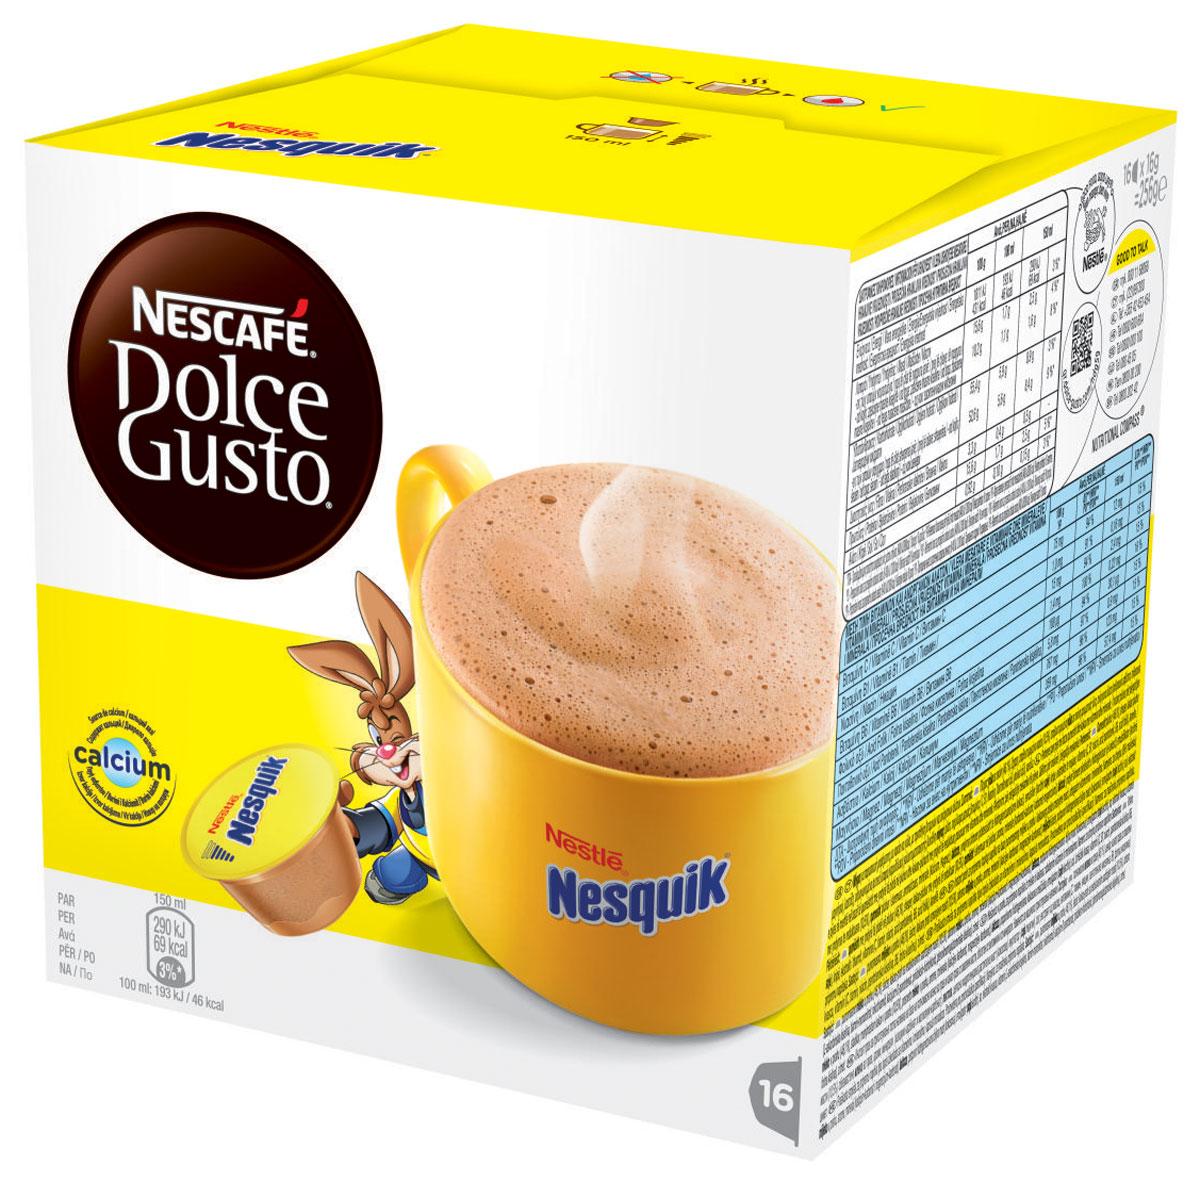 Nescafe Dolce Gusto Nesquik какао в капсулах, 16 шт12142996Нет ничего лучше чашечки ароматного согревающего шоколадного напитка Nescafe Dolce Gusto Nesquik. Насладитесь вкуснейшим напитком - неважно, готовите ли вы его ребенку или сами желаете на миг вернуться в мир детства. Кролик Квики мгновенно наполнит вашу чашку горячим ароматным какао-напитком.Состав капсулы: молоко сухое цельное (46,1%), сахар, какао порошок (10,5%), молоко сухое обезжиренное, ароматизаторы, минеральные вещества (карбонат кальция и карбонат магния), соль, экстракт дрожжей, витамины (С, B1, ниацин, пантотеновая кислота, В6, фолиевая кислота), корица.